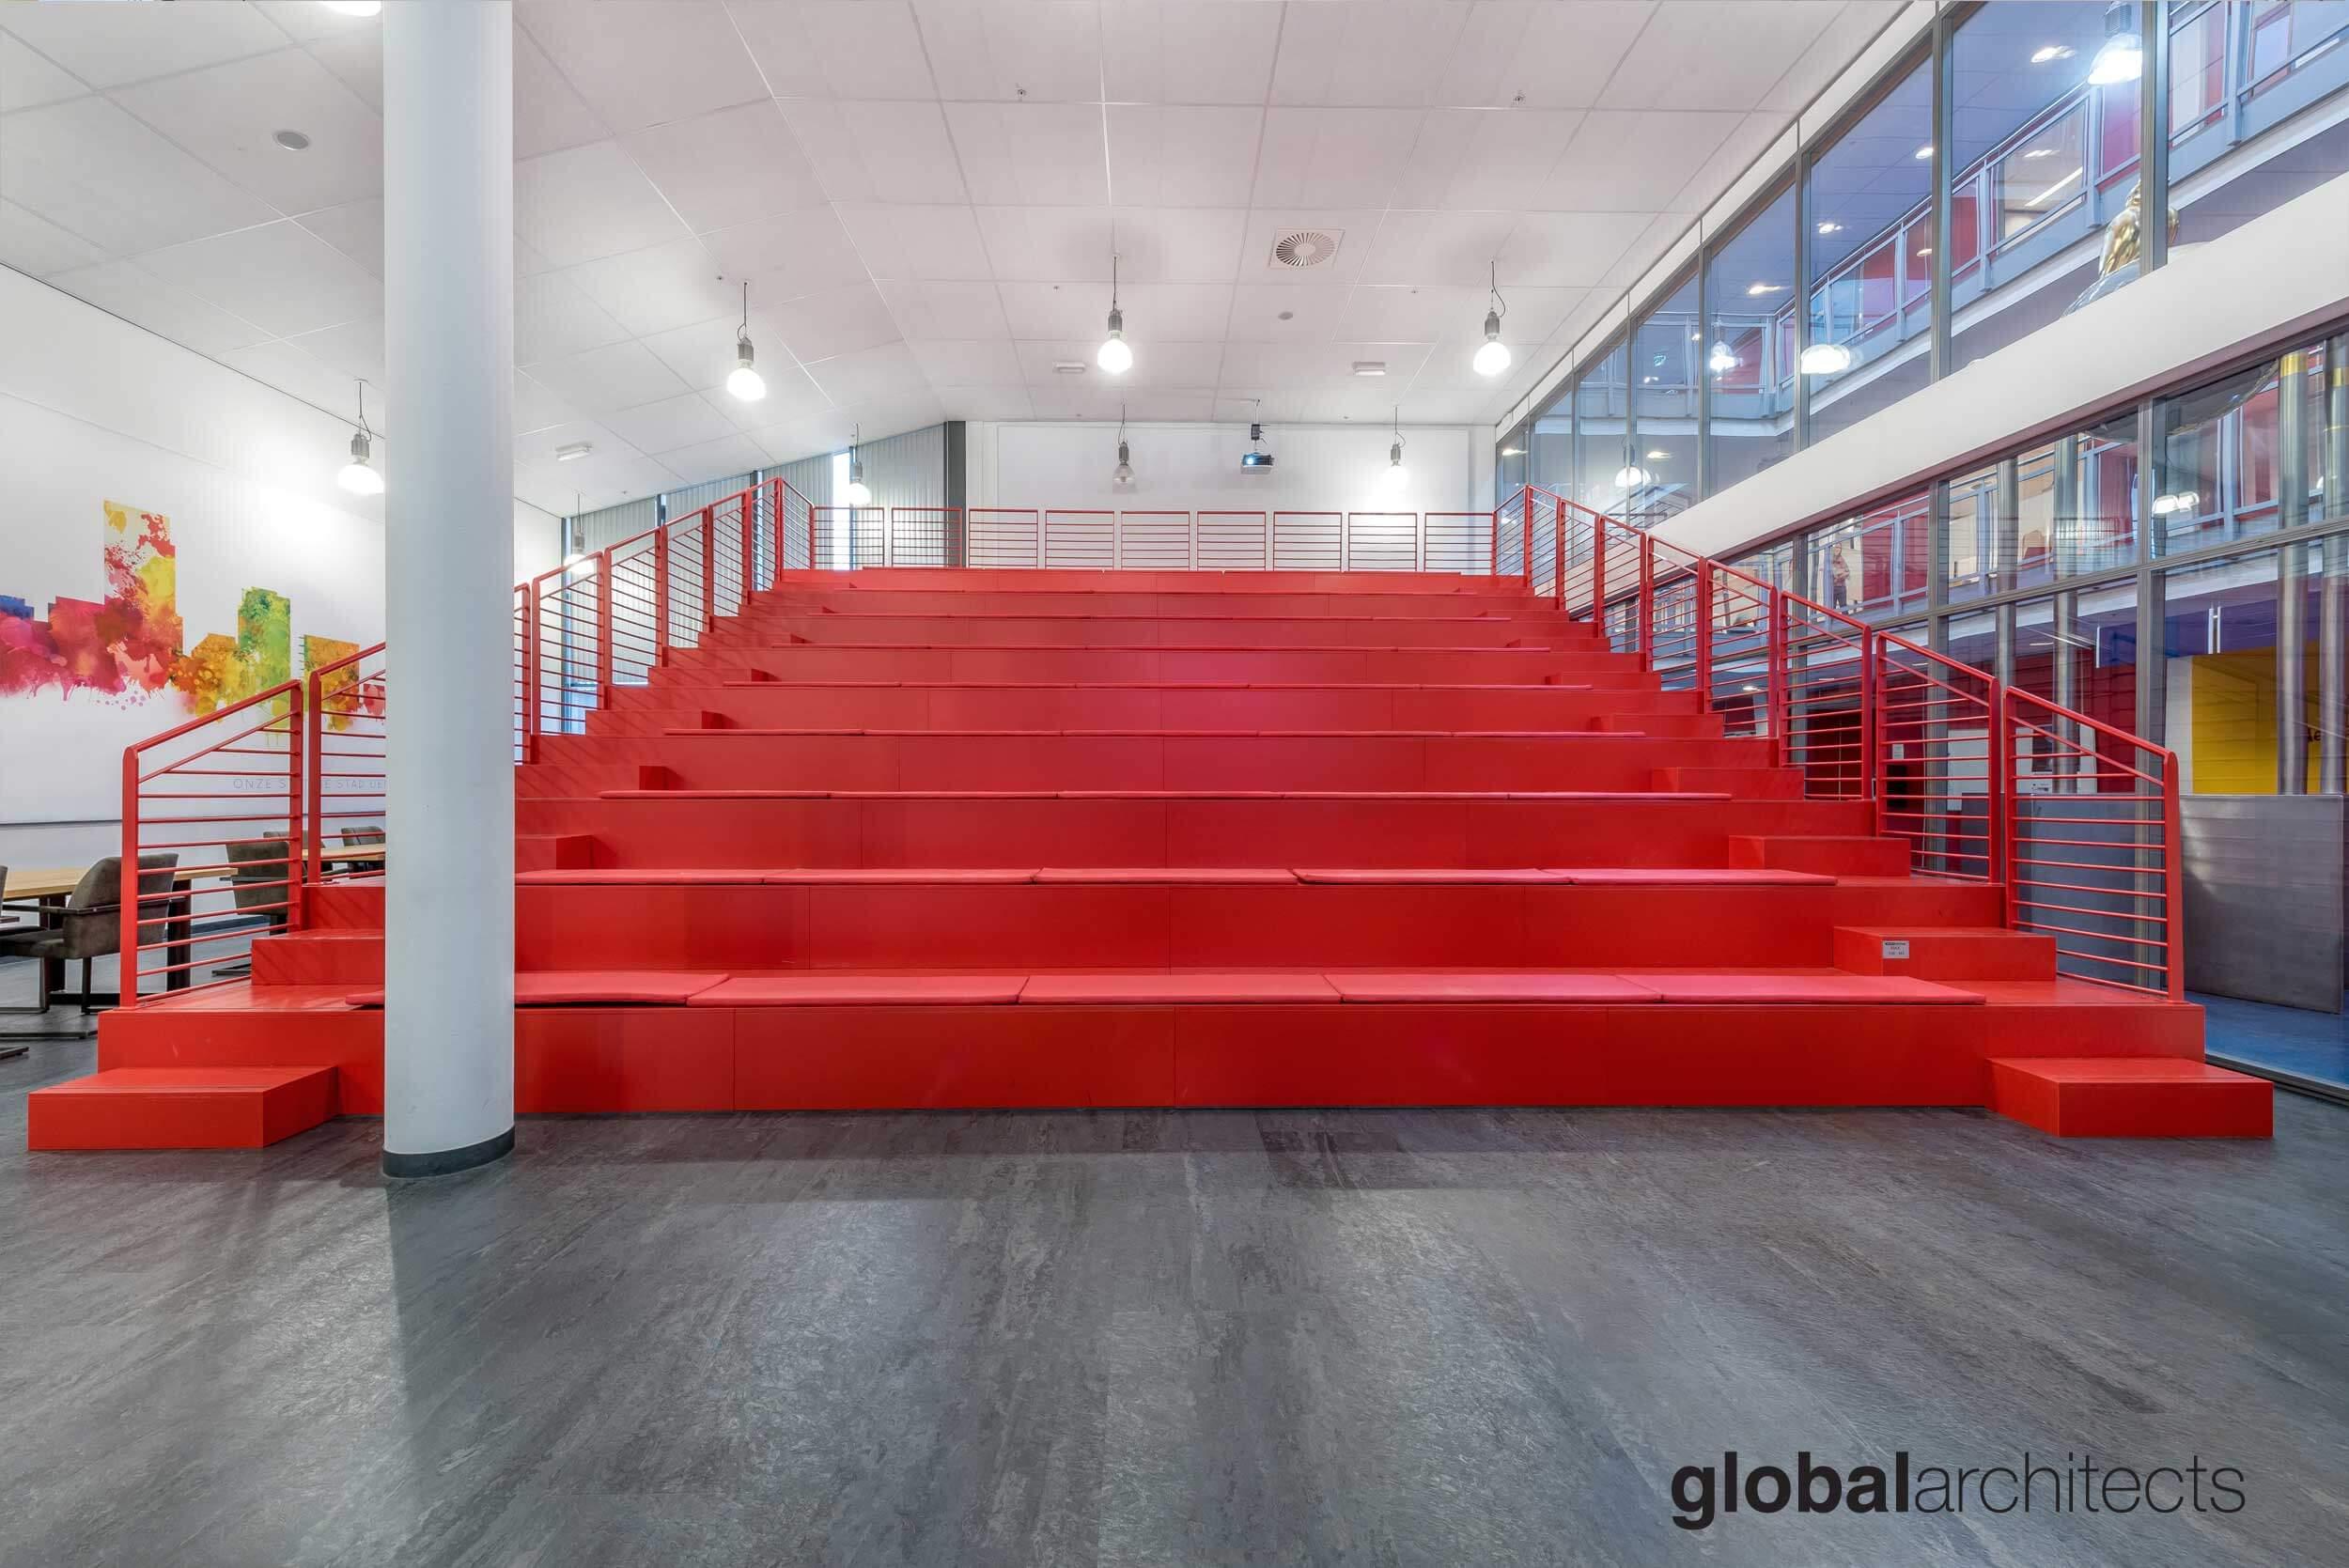 Architectenbureau Den Haag : Roc mondriaan interieur ontwerp architectenbureau denhaag global